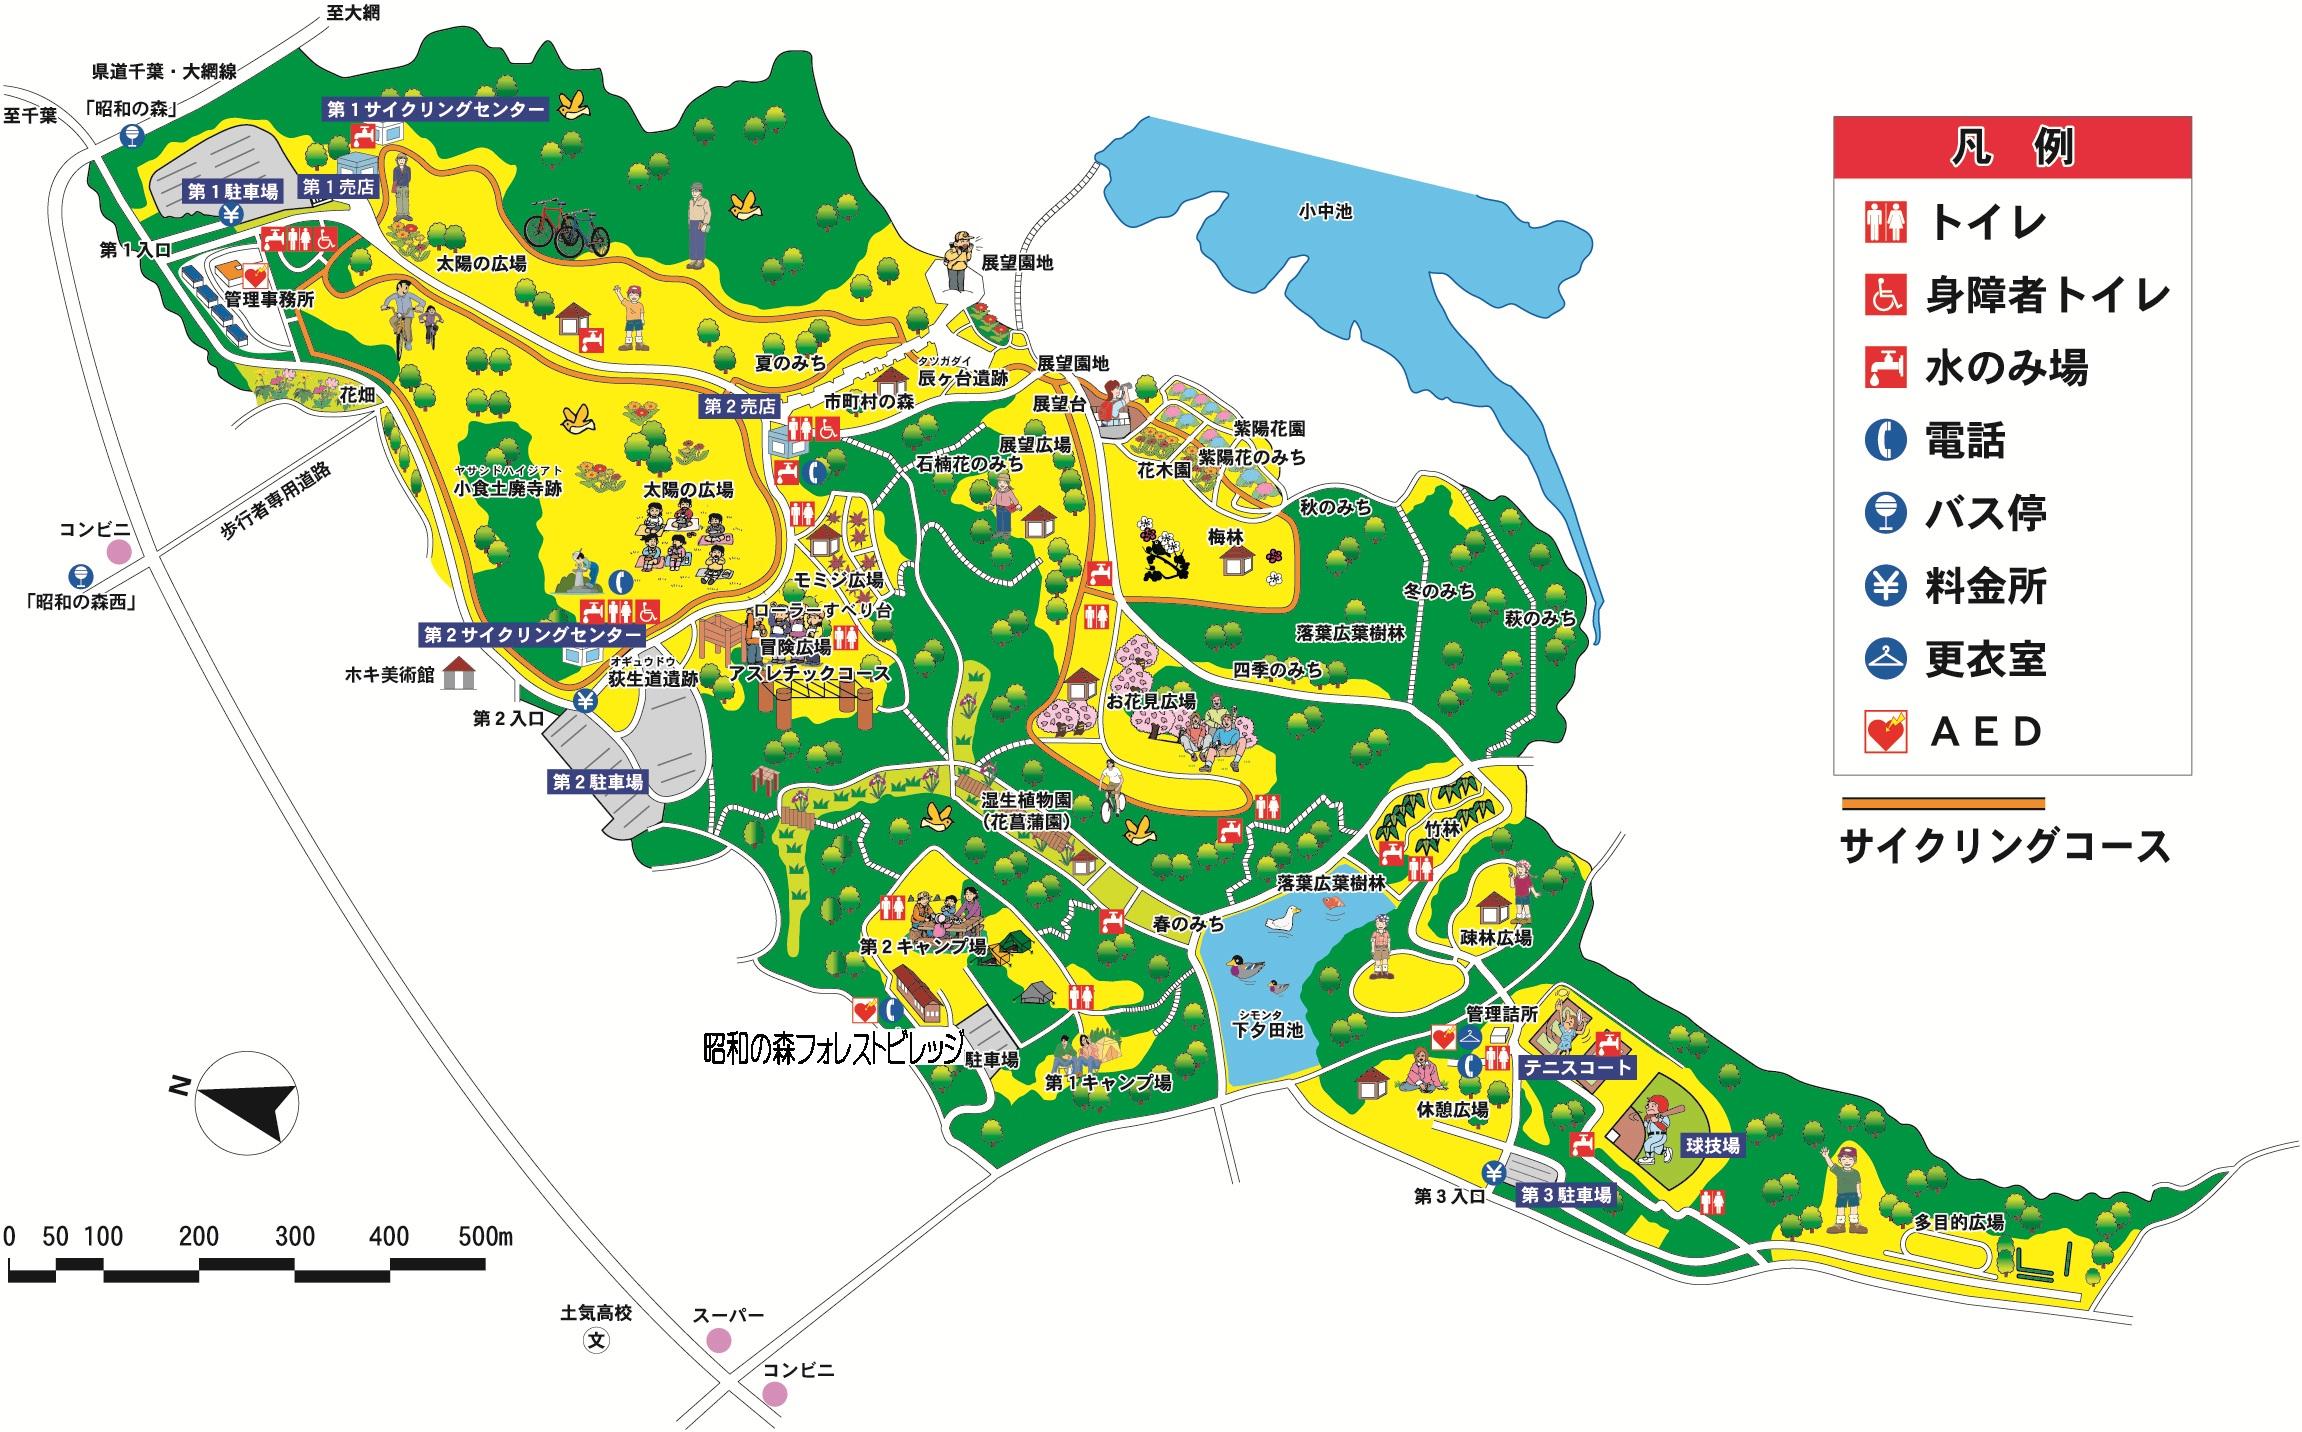 引用:昭和の森ホームページ